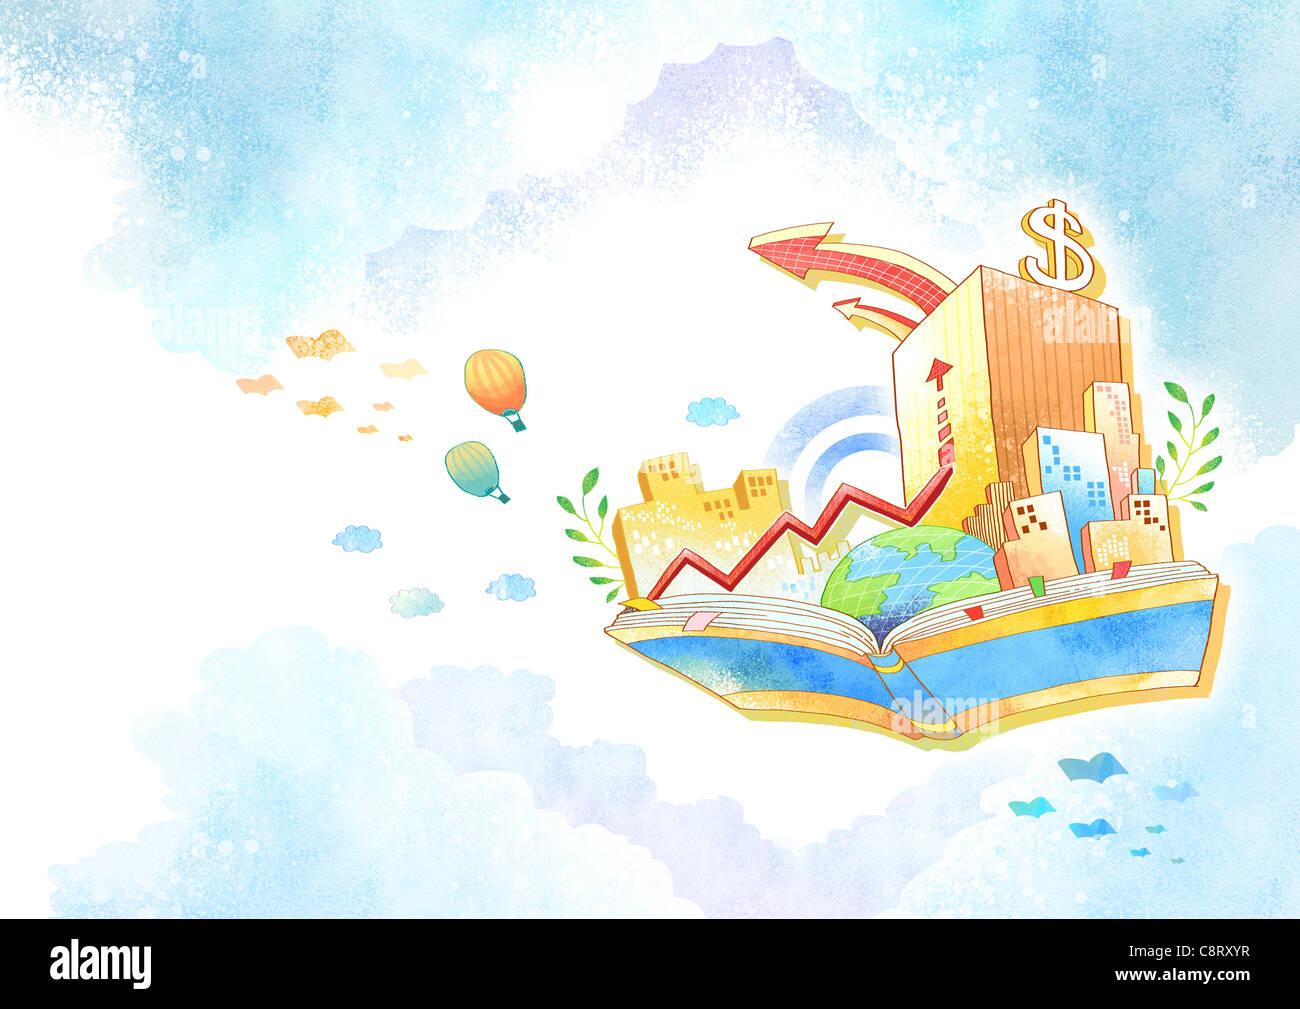 Ilustración del signo de dólar en la construcción Imagen De Stock